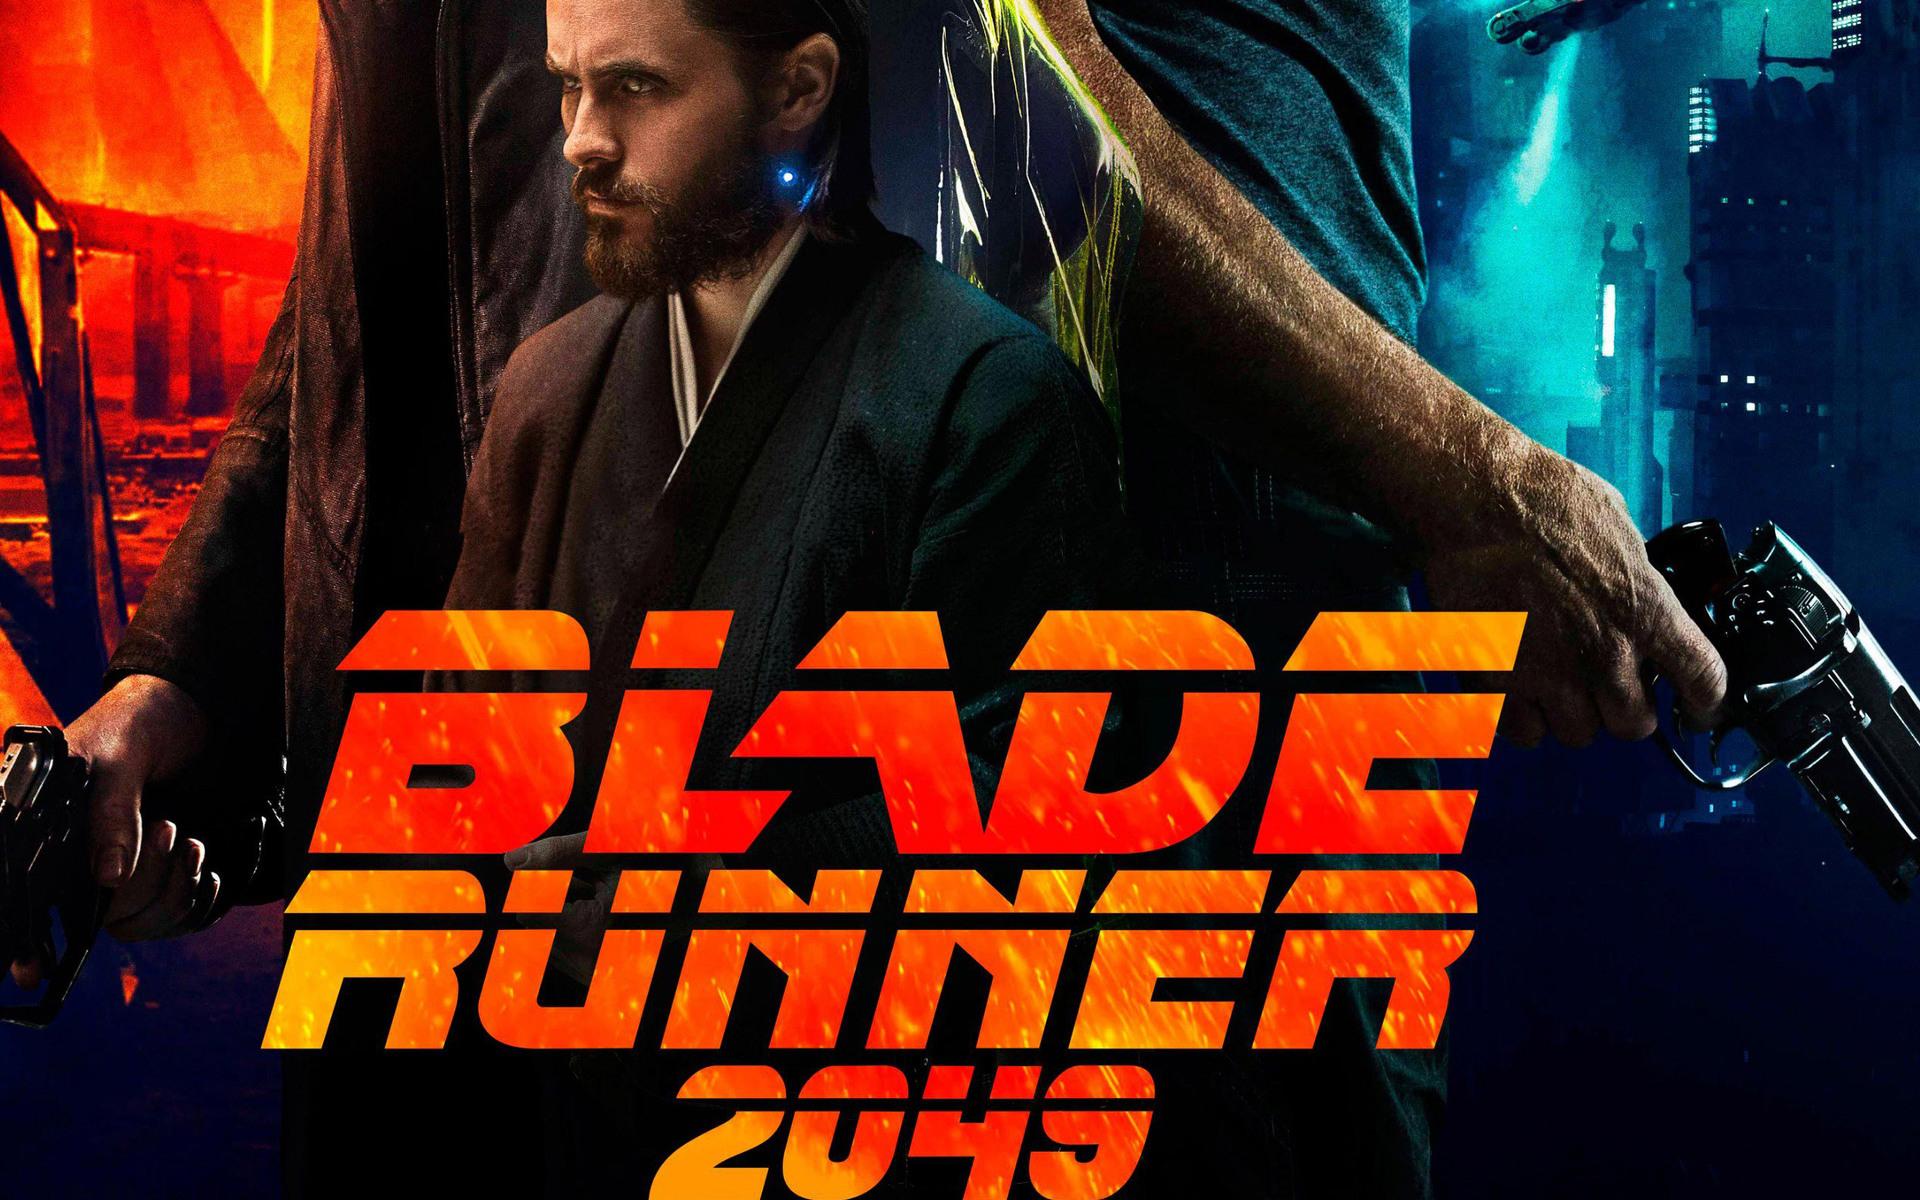 Blade Runner 2049 Hd Wallpaper: 1920x1200 2017 Blade Runner 2049 1080P Resolution HD 4k